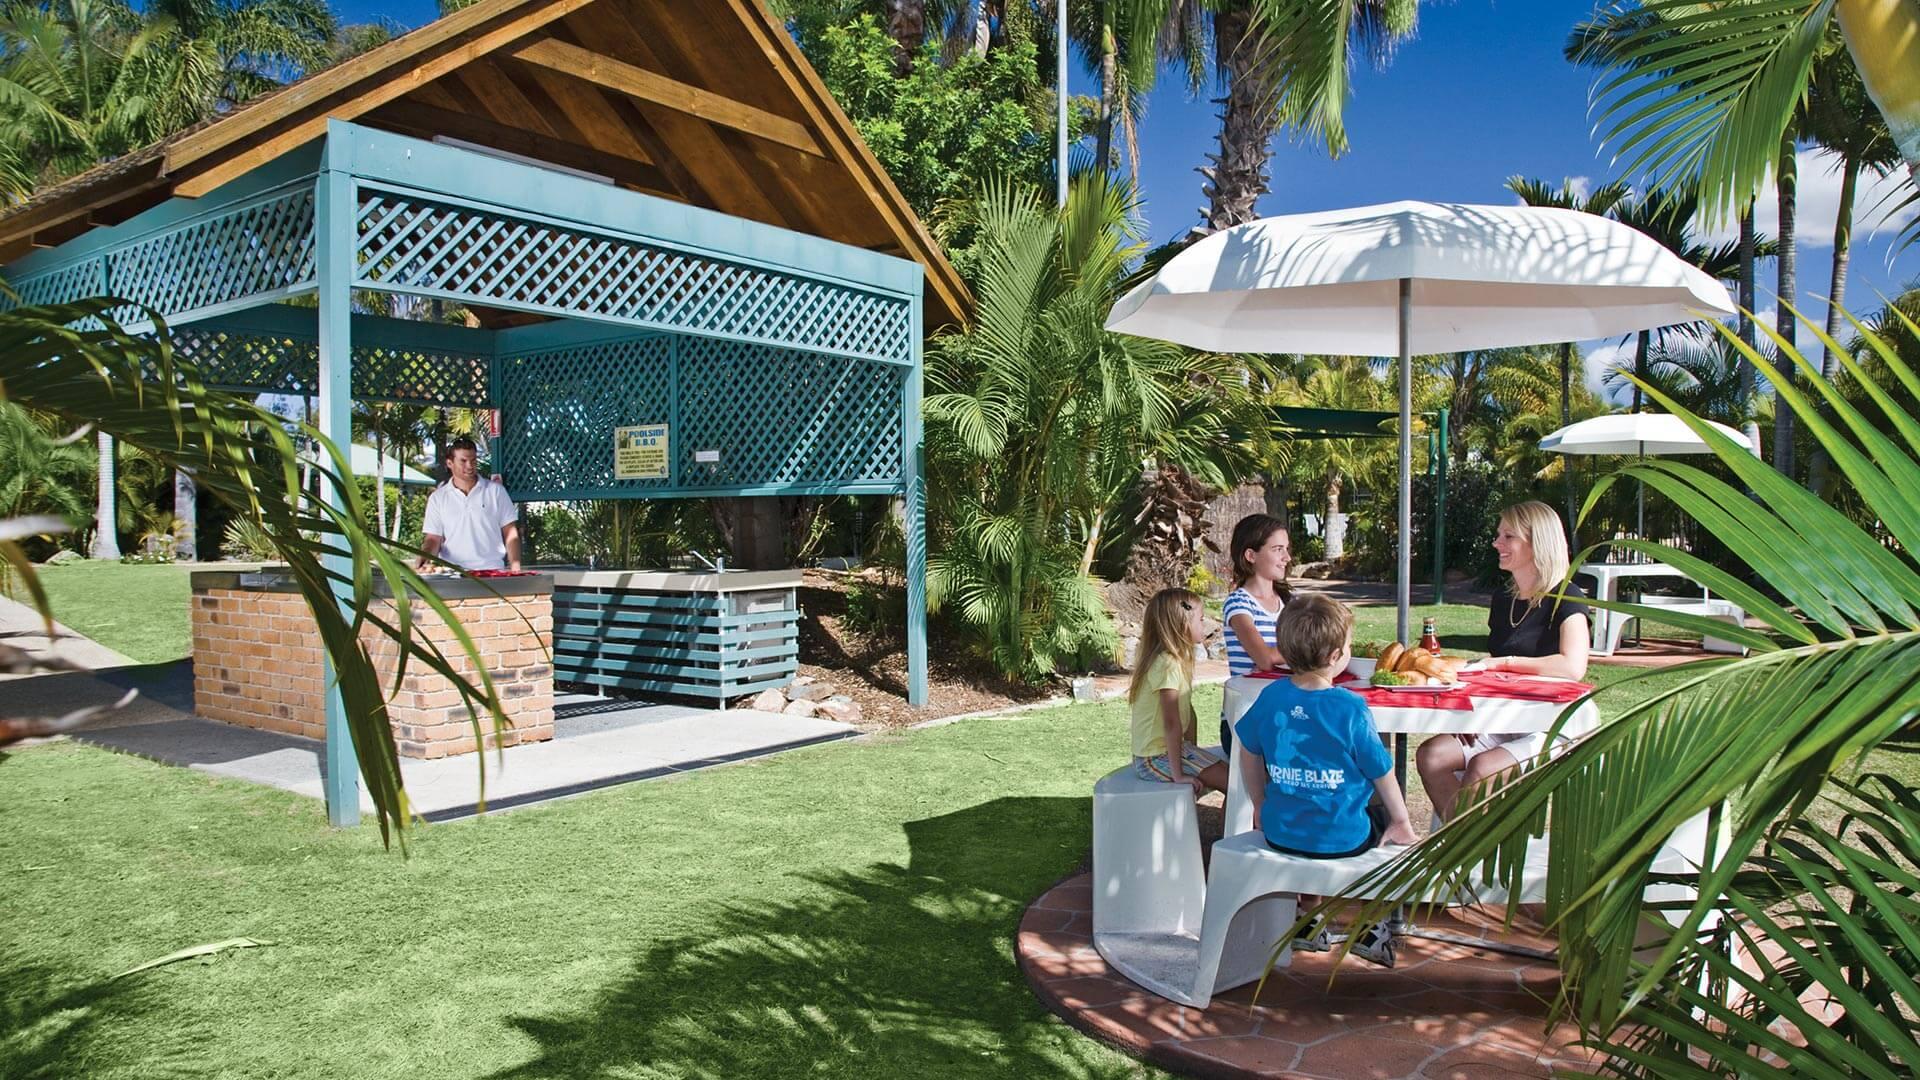 Barbecue at NRMA Treasure Island Holiday Park